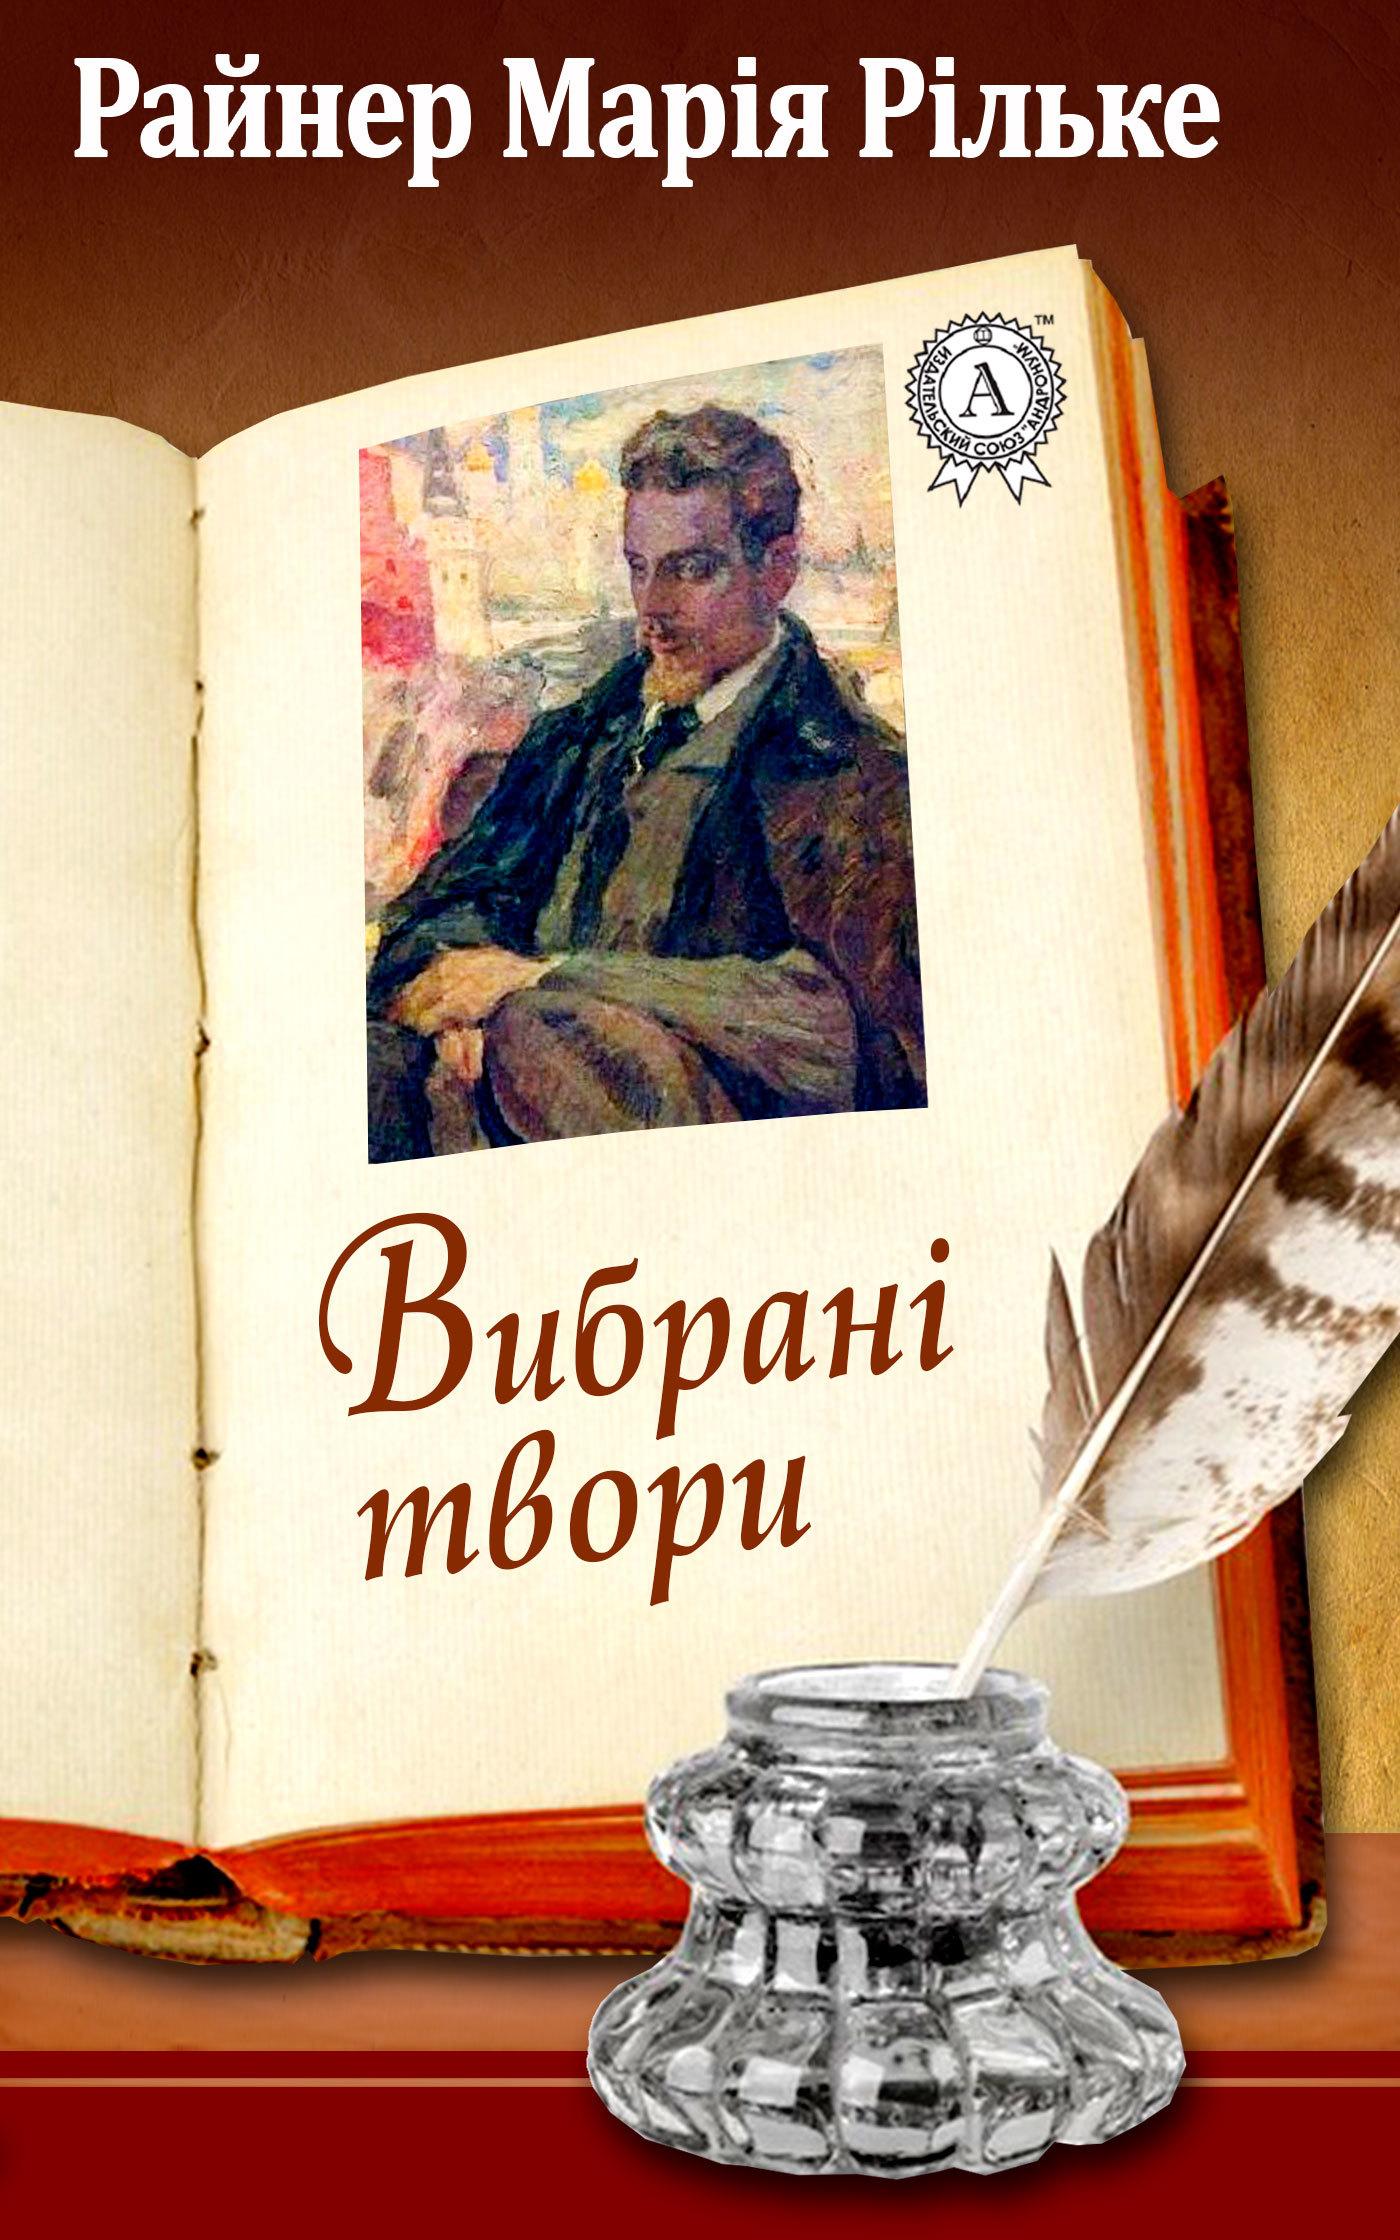 Райнер Марія Рільке Райнер Марія Рільке Вибрані твори василь стефаник вибрані новели